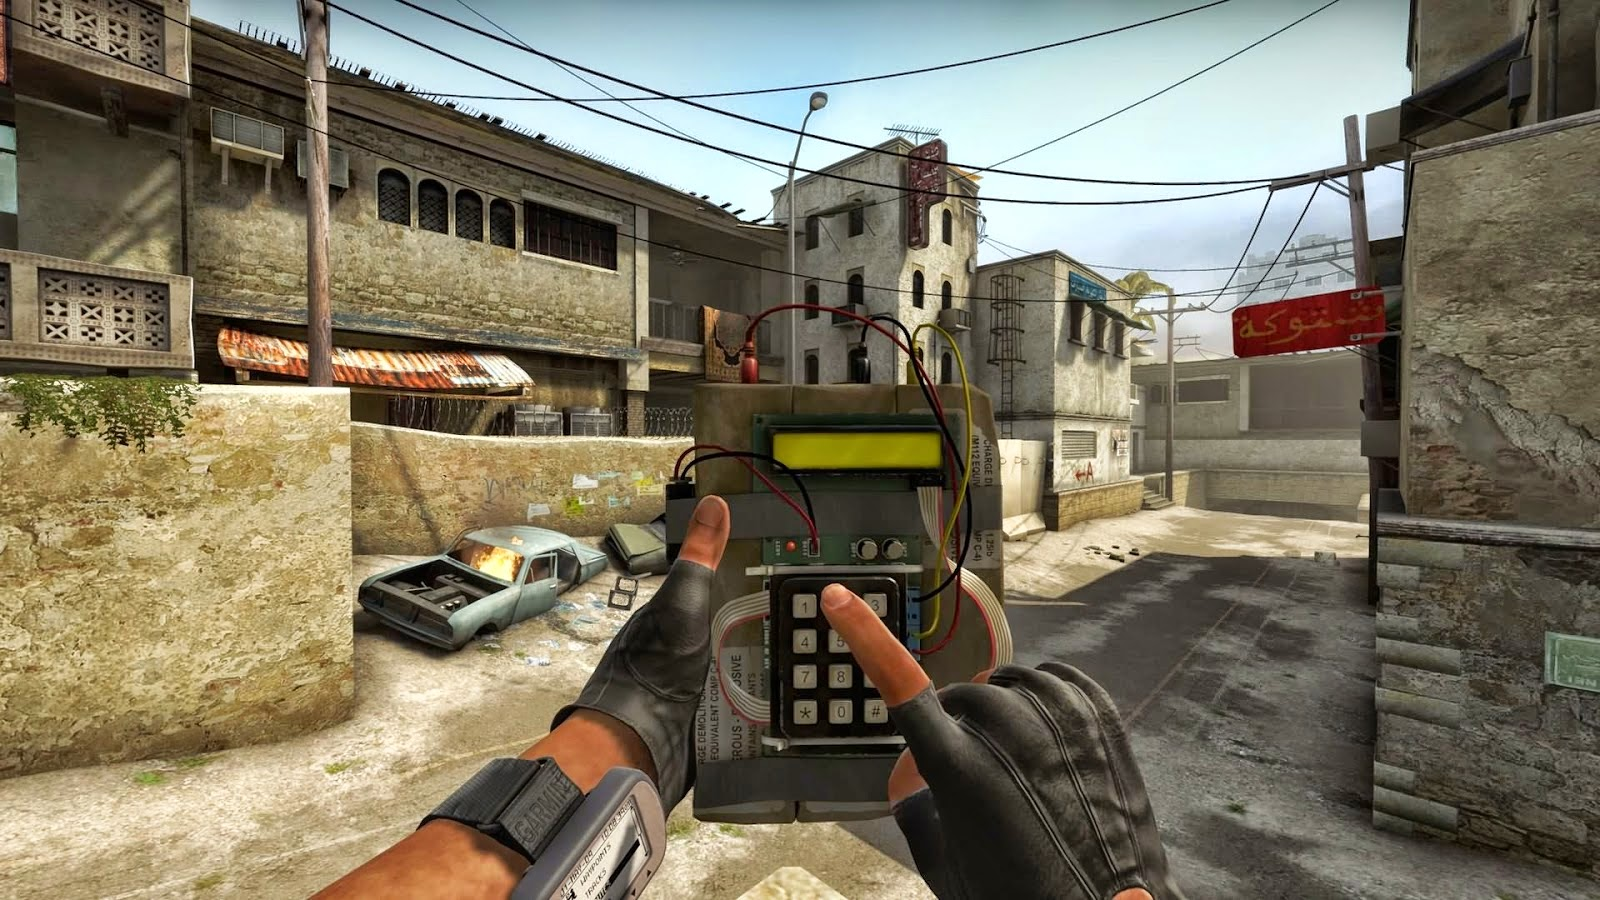 تحميل لعبة الأكشن و الإثارة Counter-Strike Global Offensive Counter-Strike-Global-Offensive-Addon-Garmin-Foretex-301_2